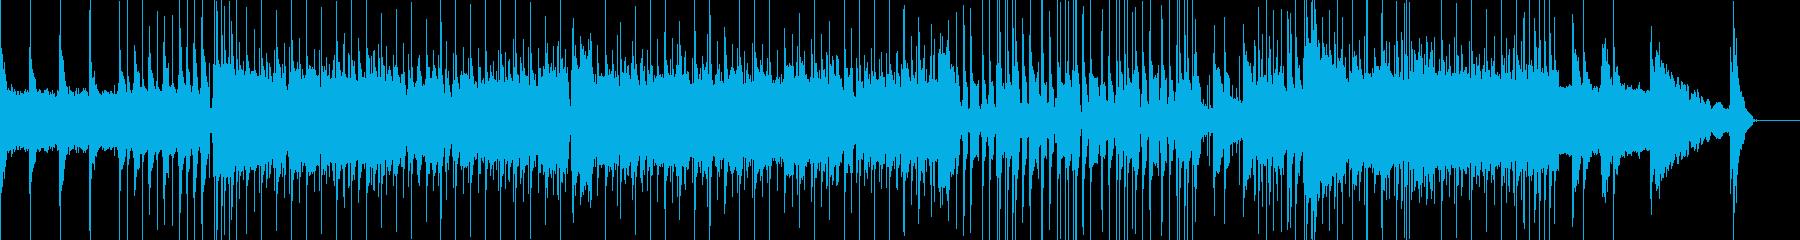 ロックンロールパーティーの再生済みの波形